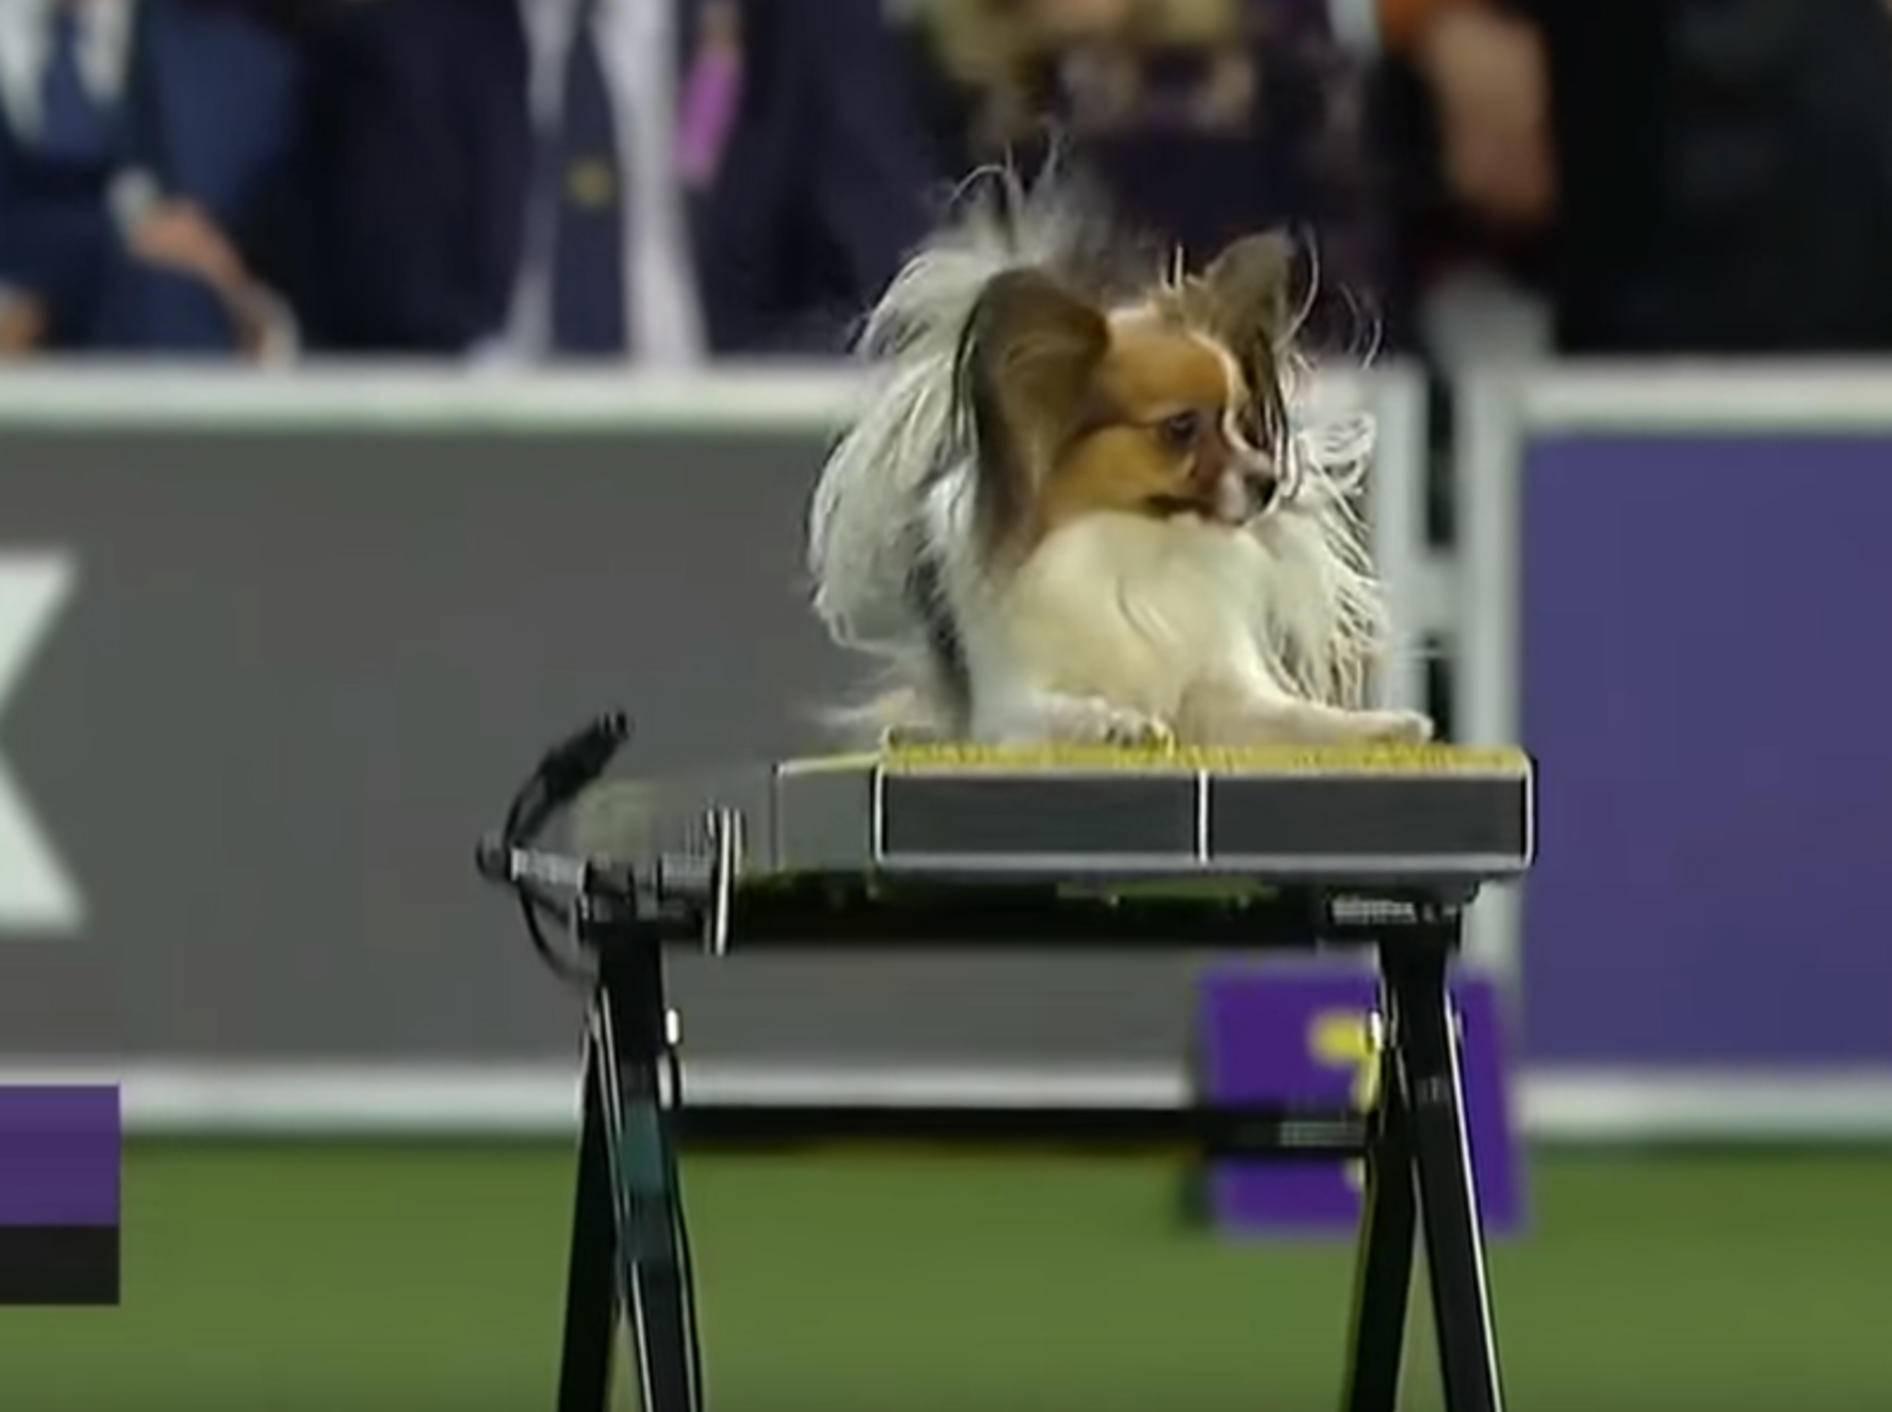 Hündin Gabby punktet beim Agility-Wettbewerb mit Schnelligkeit - Bild: YouTube / FOX Sports